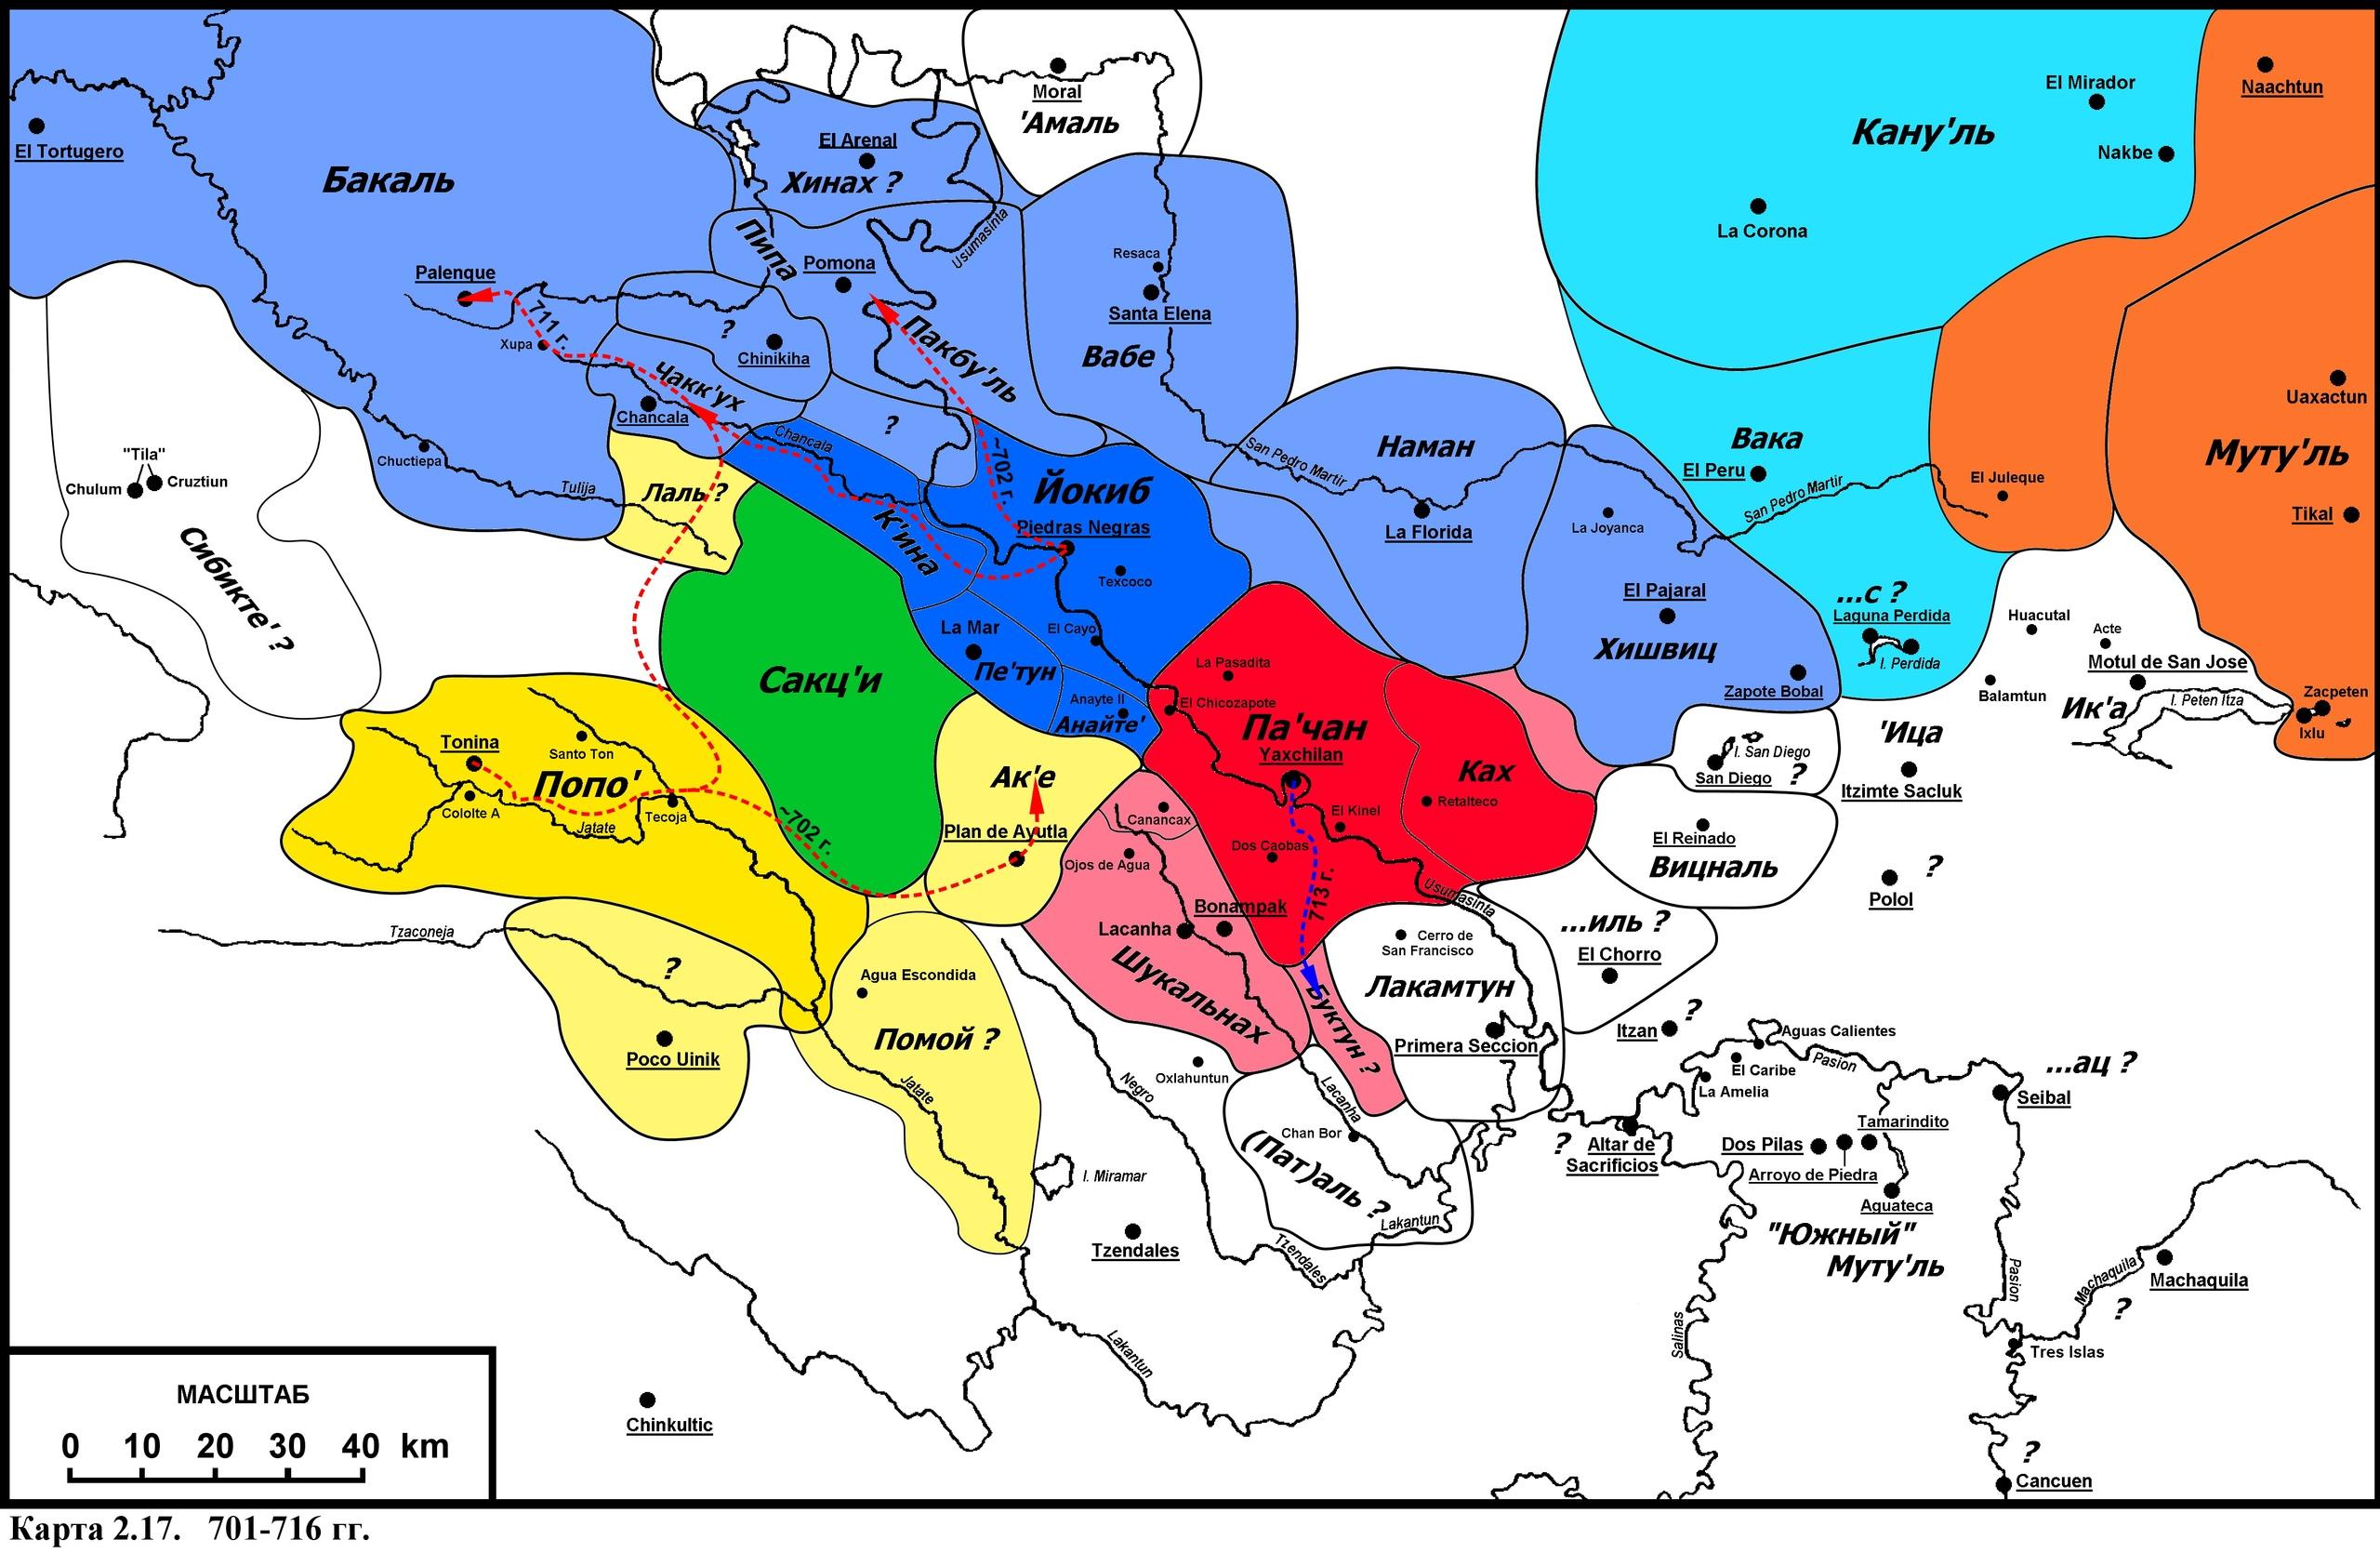 Попо' отбивает Ак'е и совершает поход на Паленке, в ходе которого захватывает царя Бакаля